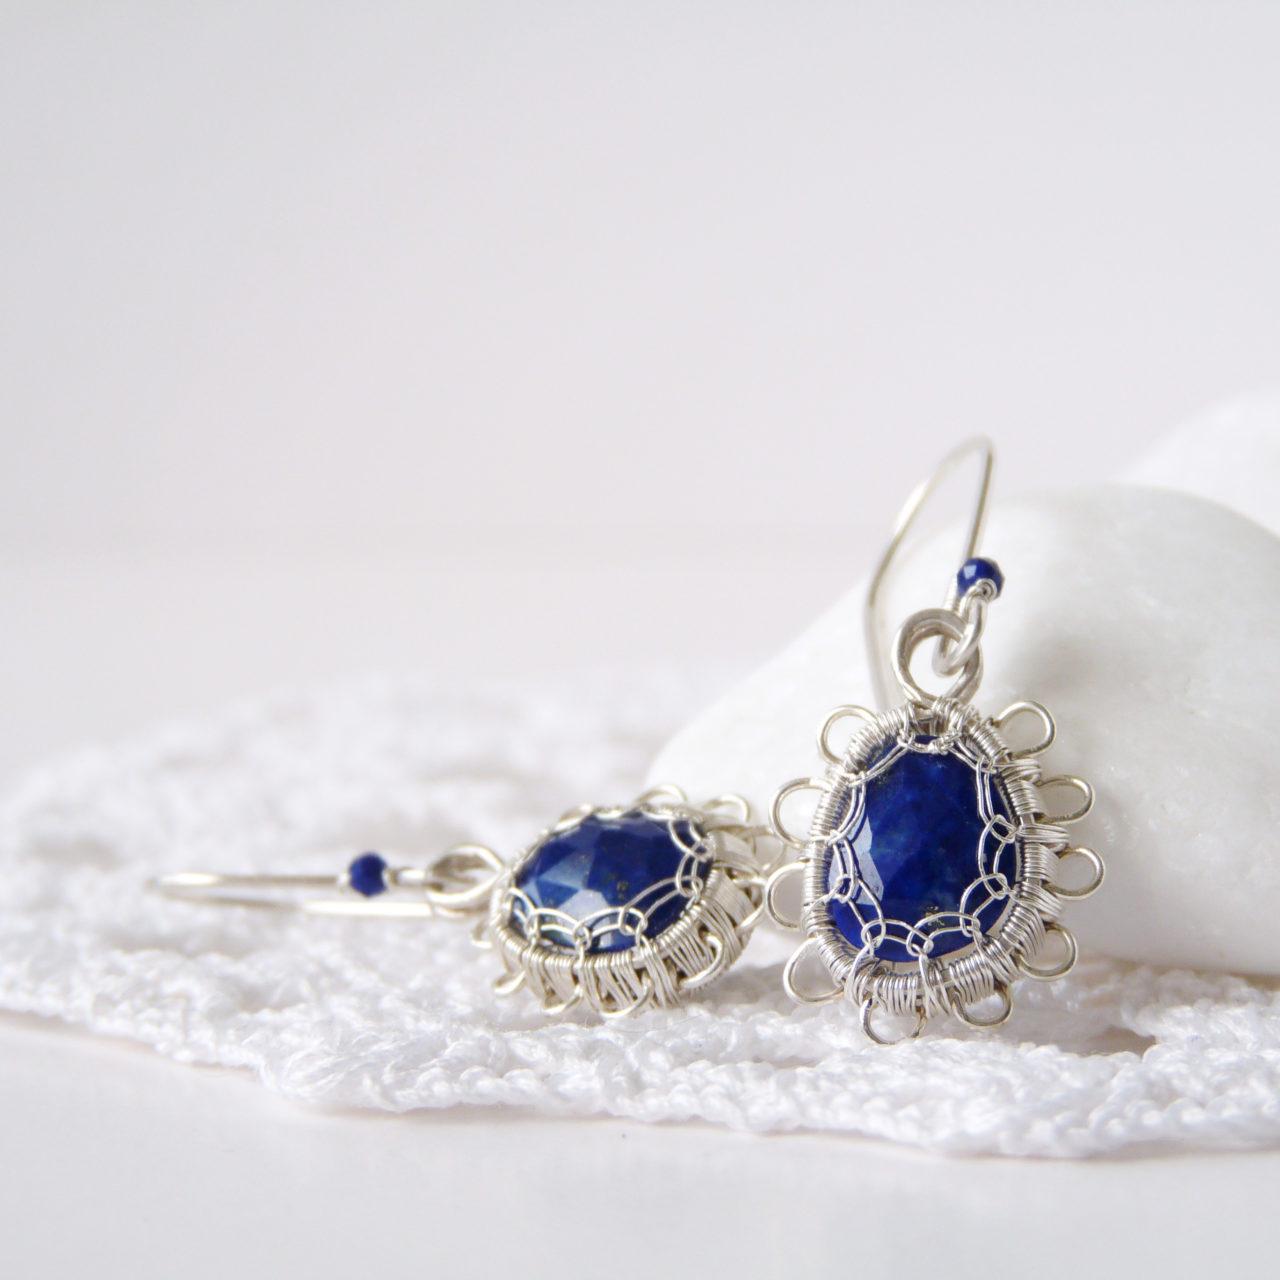 Drobné autorské naušnice se stříbrnou krajkou (Ag 925/1000) a nepravidelnými broušenými lapisy lazuli